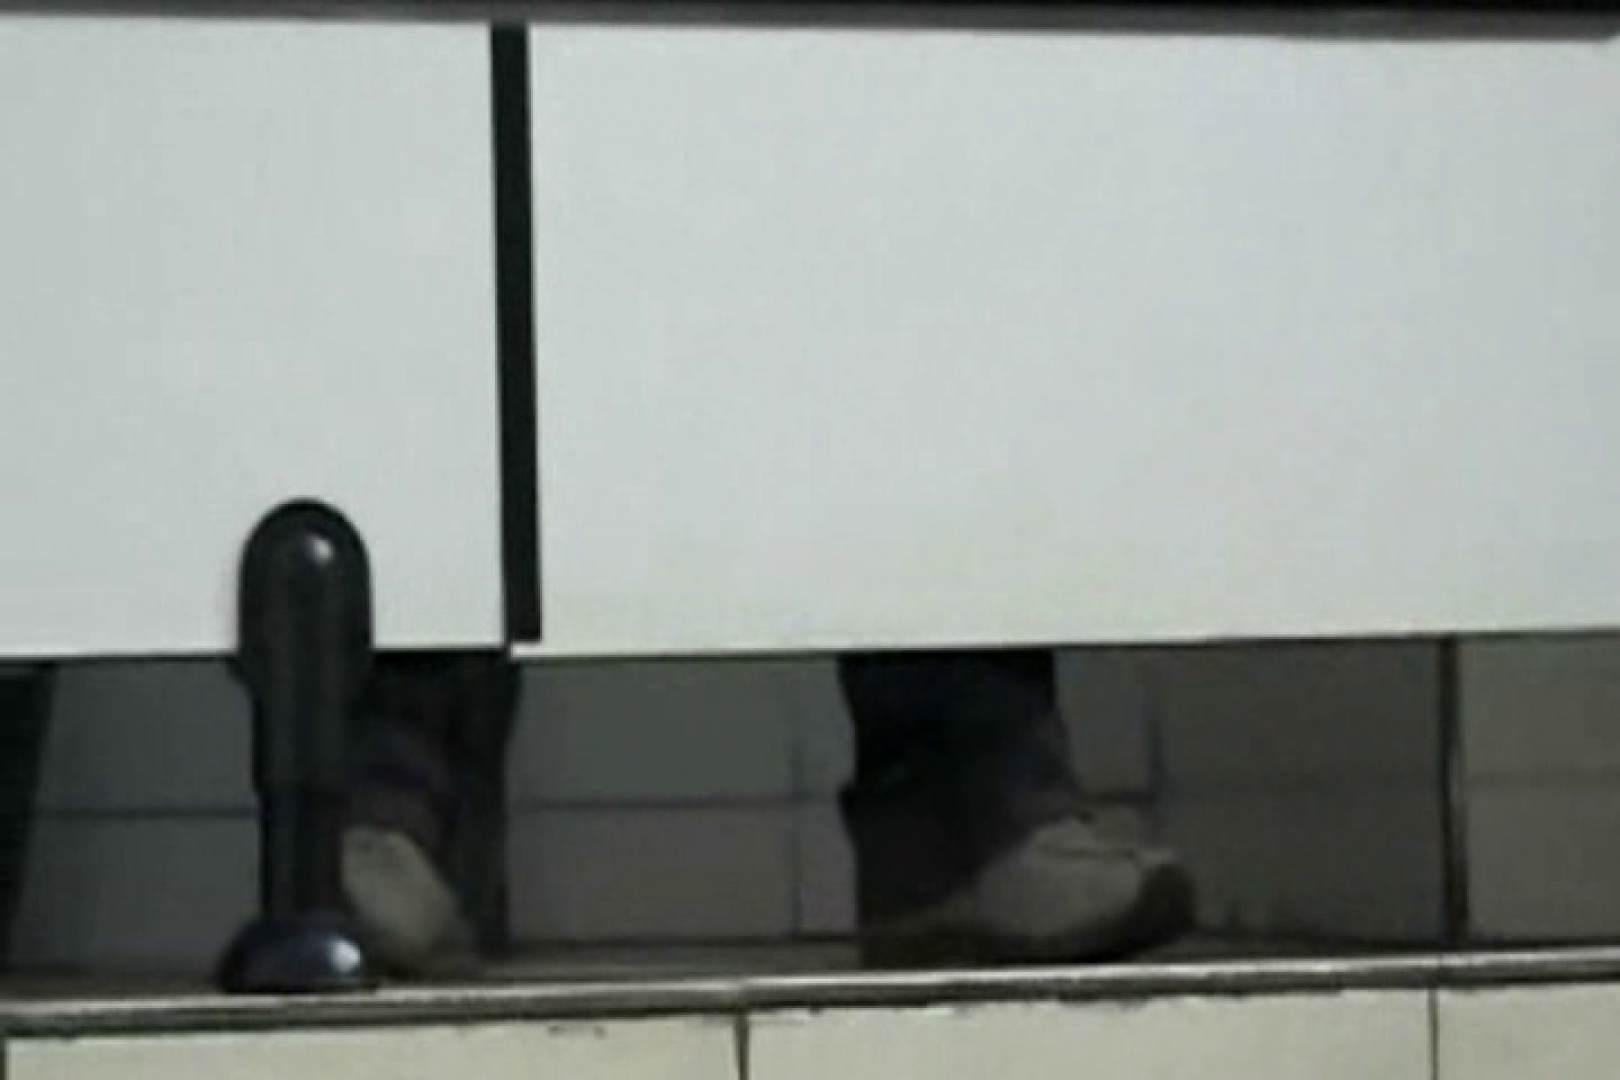 ぼっとん洗面所スペシャルVol.7 洗面所 | すけべなOL  106画像 87